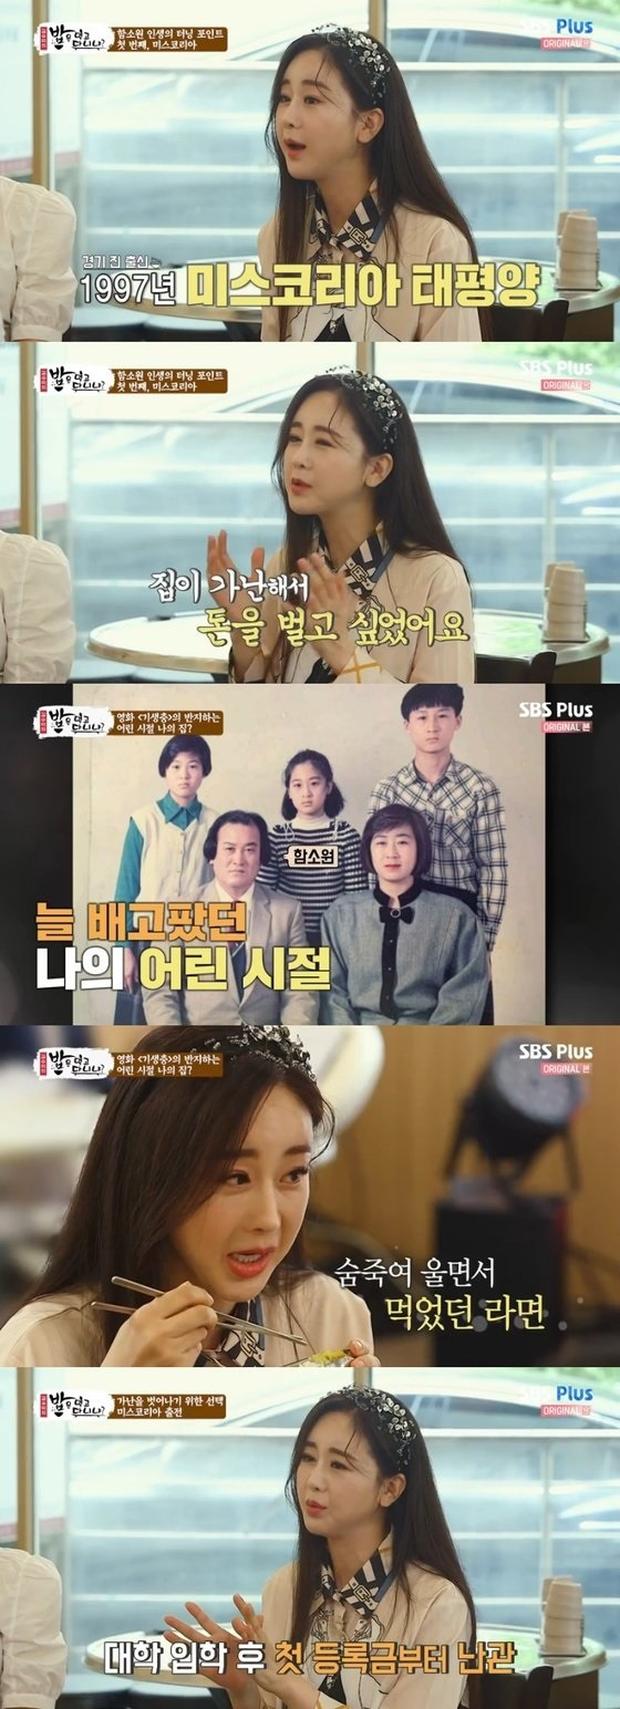 Hoa hậu Hàn Quốc U45 chia sẻ về quá khứ nghèo khó: Không thể trả tiền điện, sống ở ngôi nhà giống như trong Parasite - Ảnh 1.